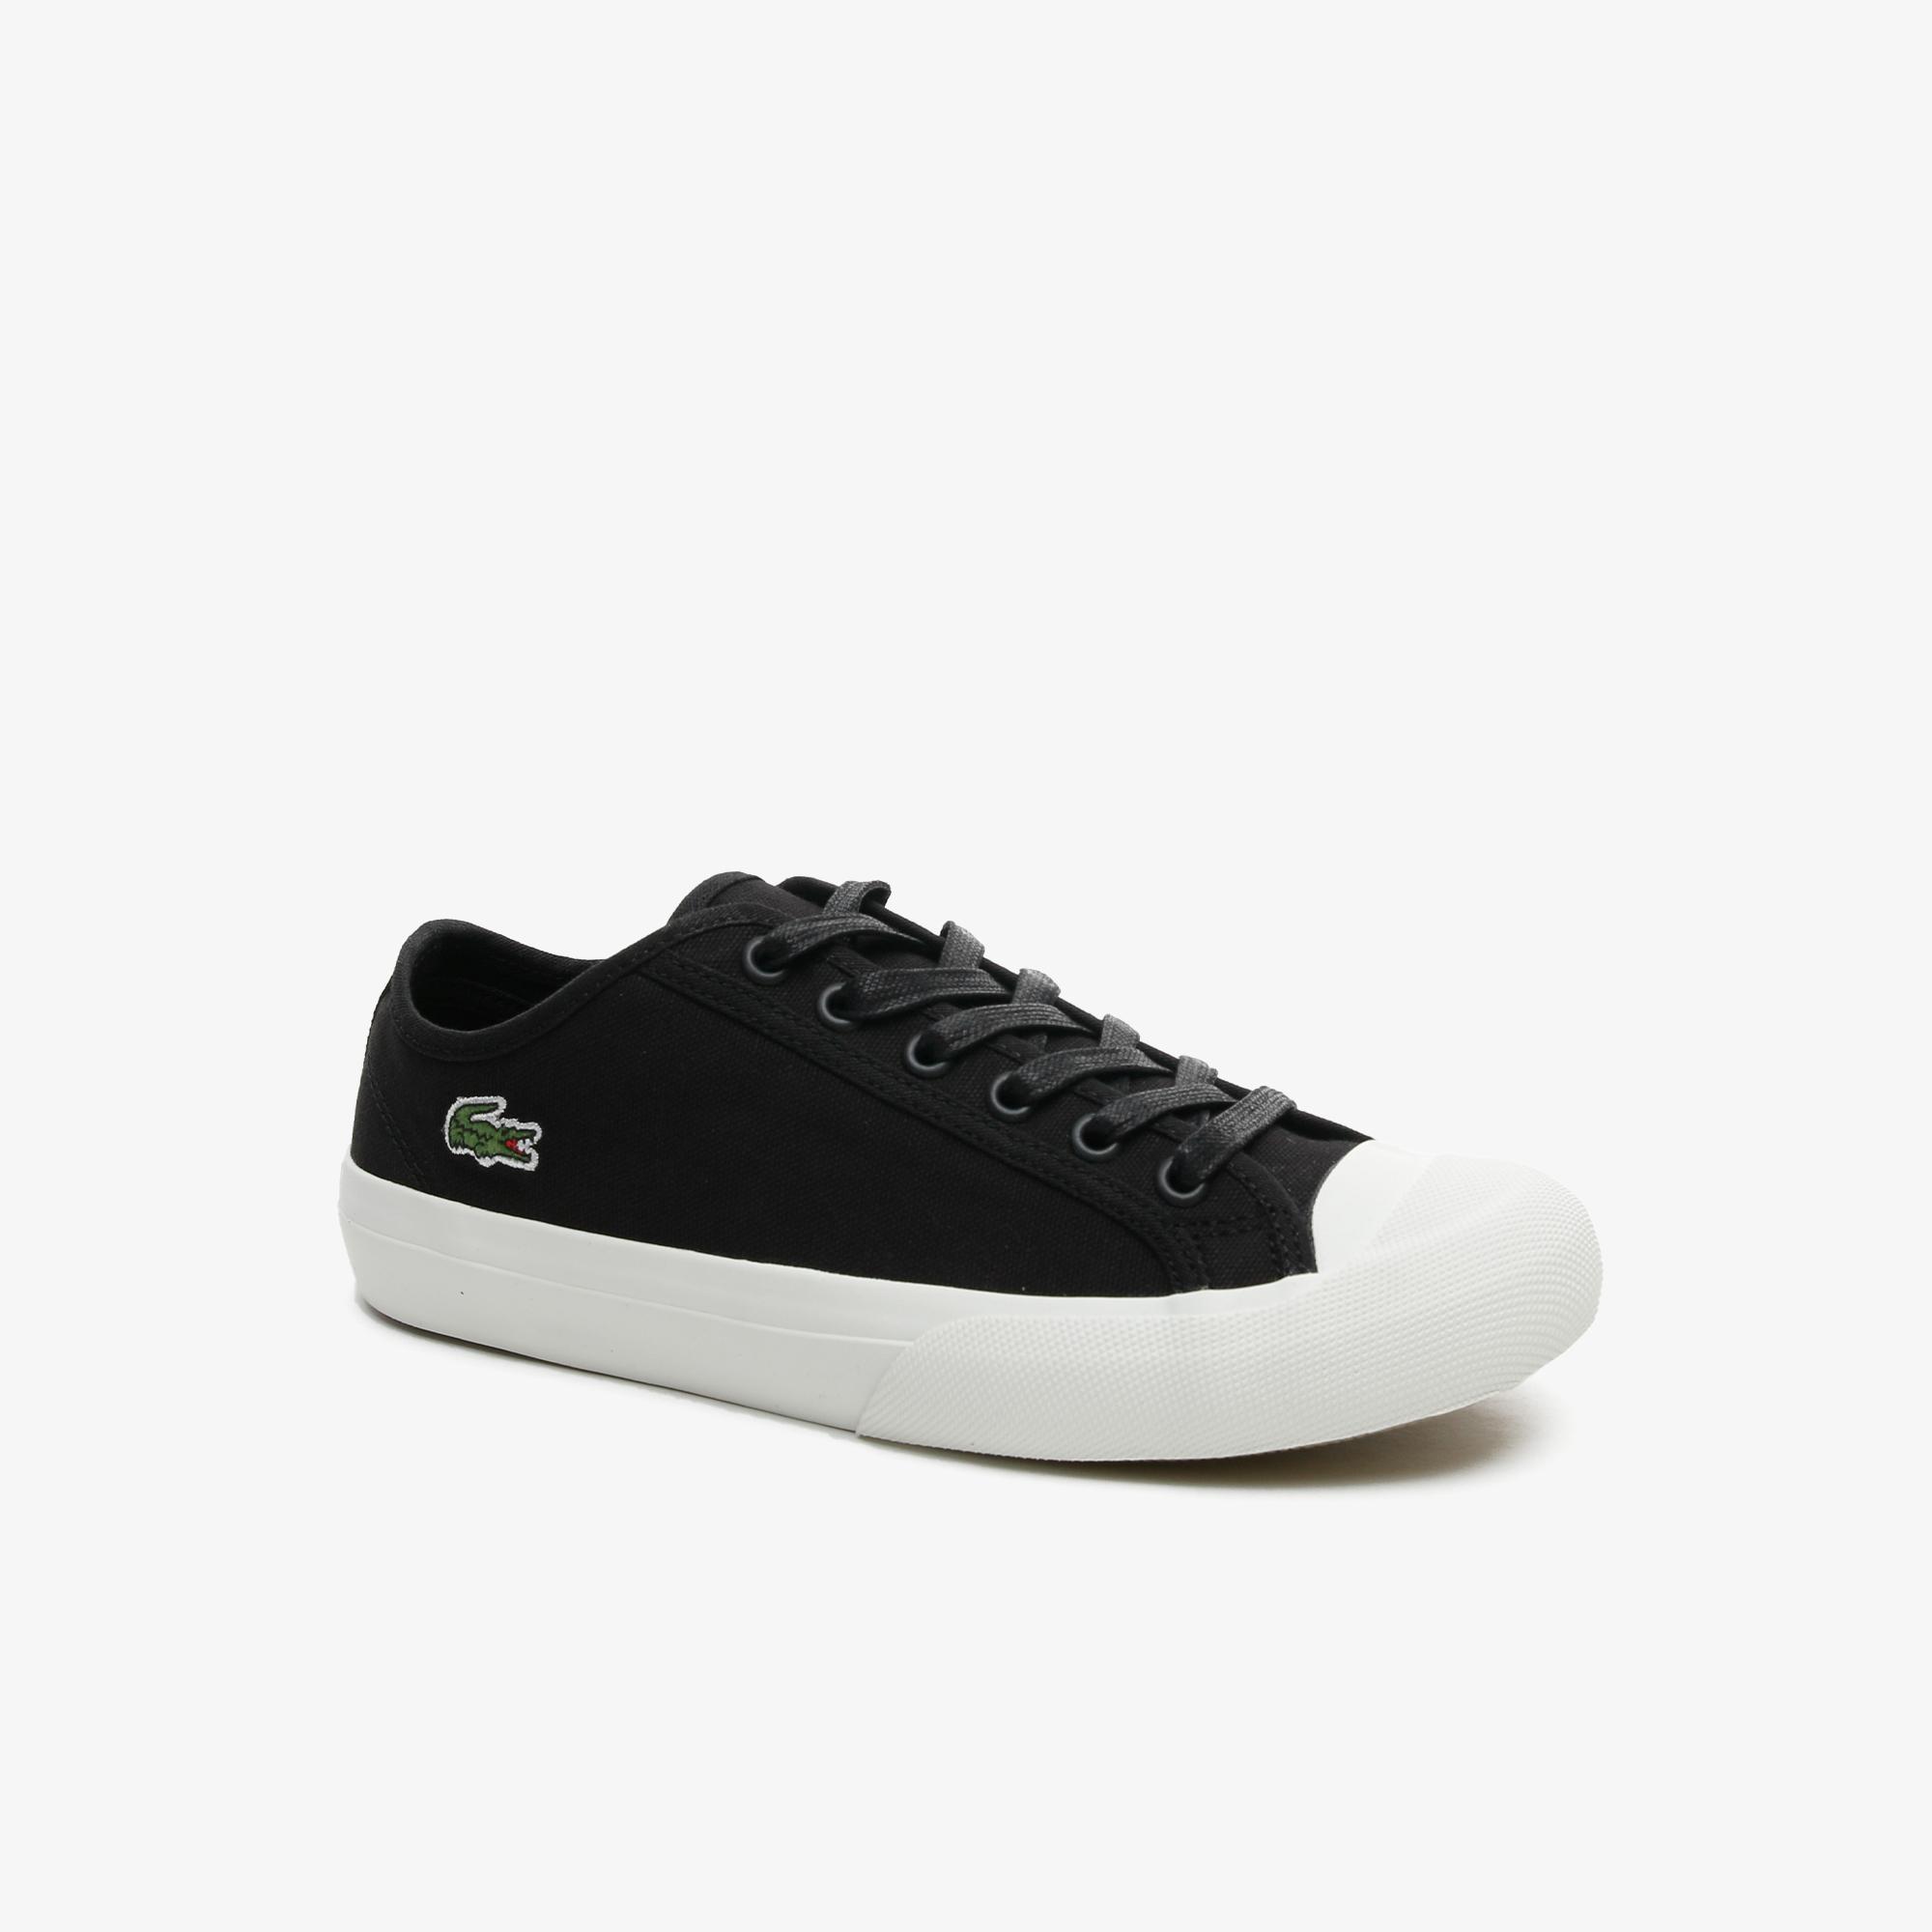 Lacoste Topskill 0721 2 Cfa Kadın Siyah - Beyaz Sneaker